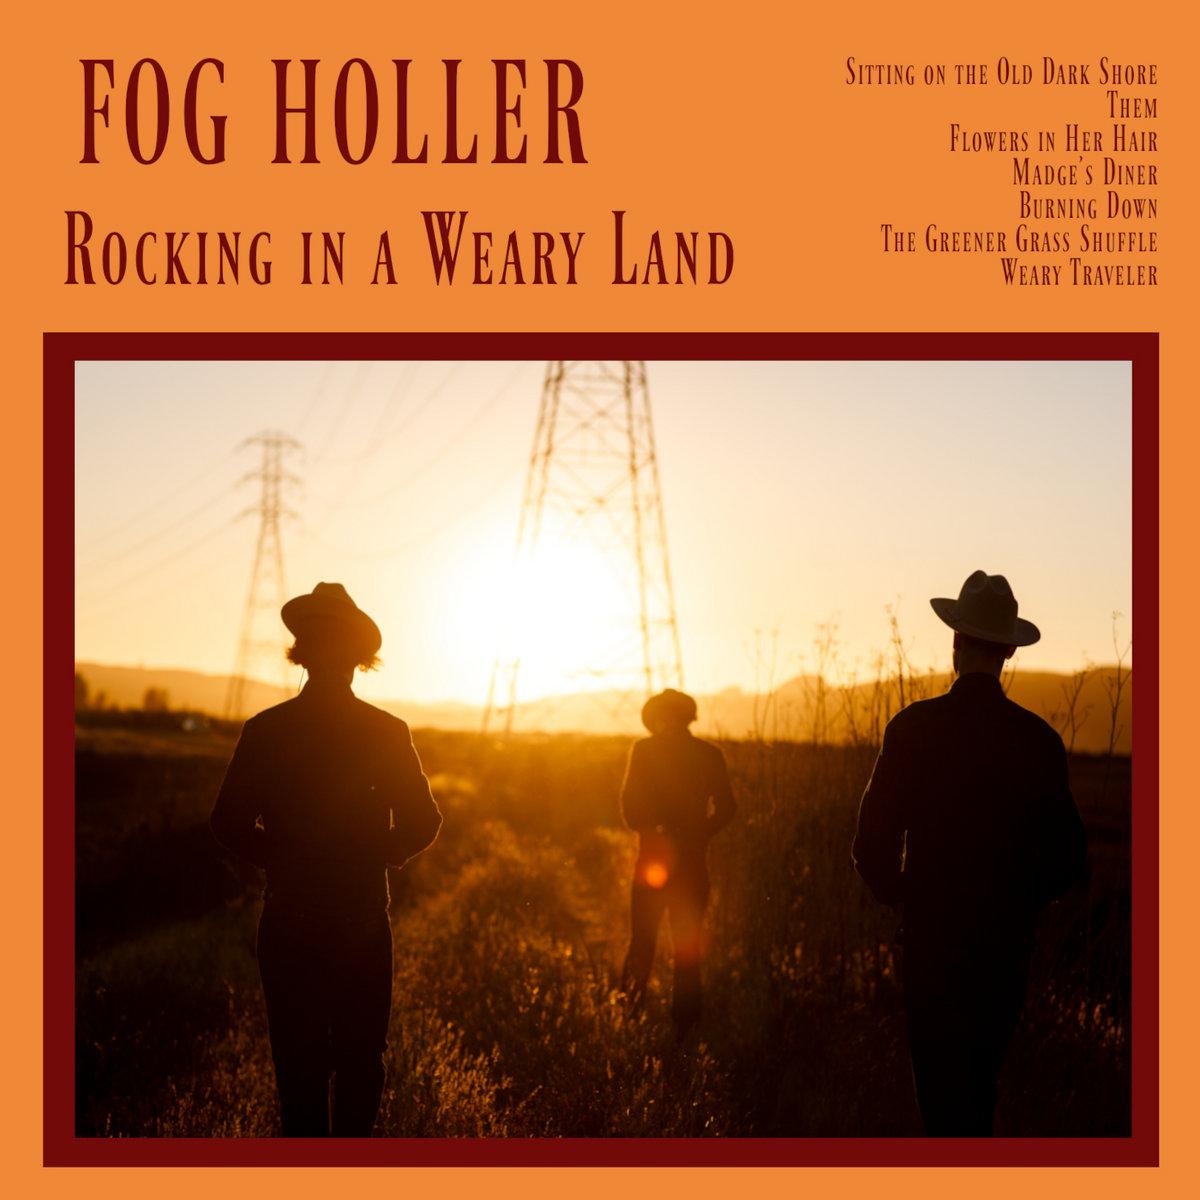 Fog Holler CD.JPG